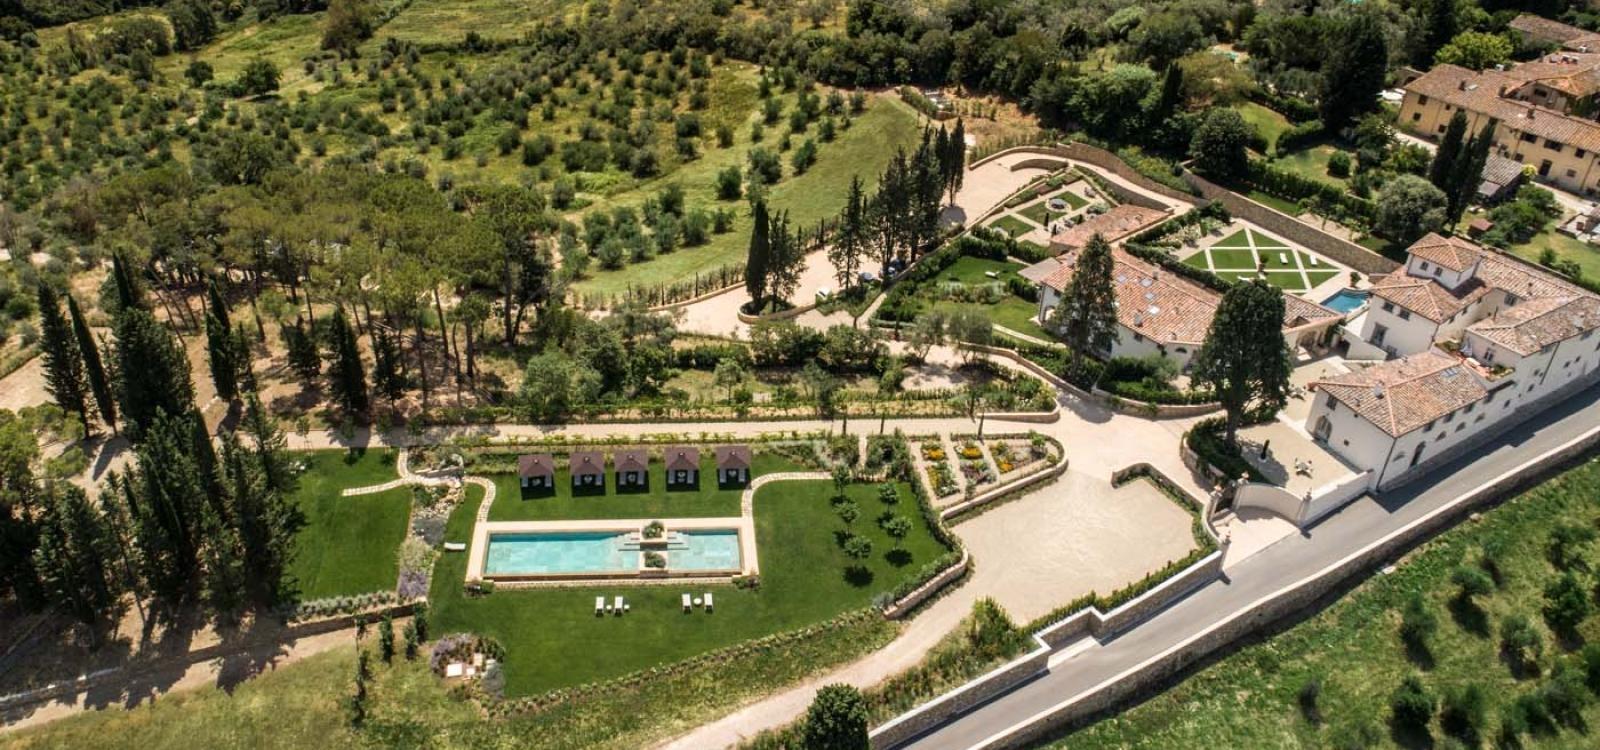 Luxury vacation rentals europe - Italy - Tuscany - Florence - Feronia - Image 1/42